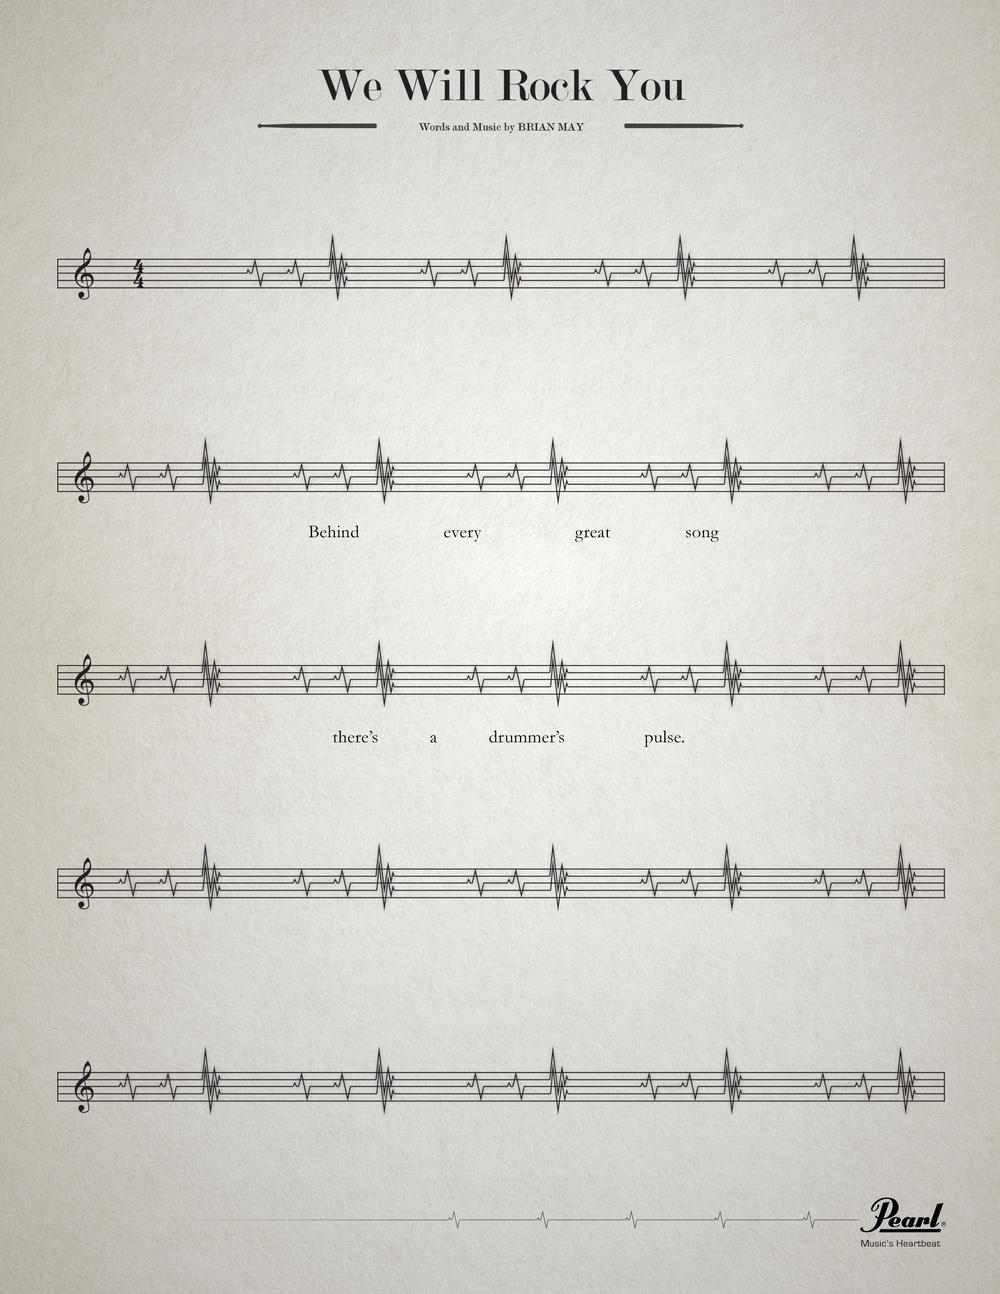 pearl drums_print_1.jpg